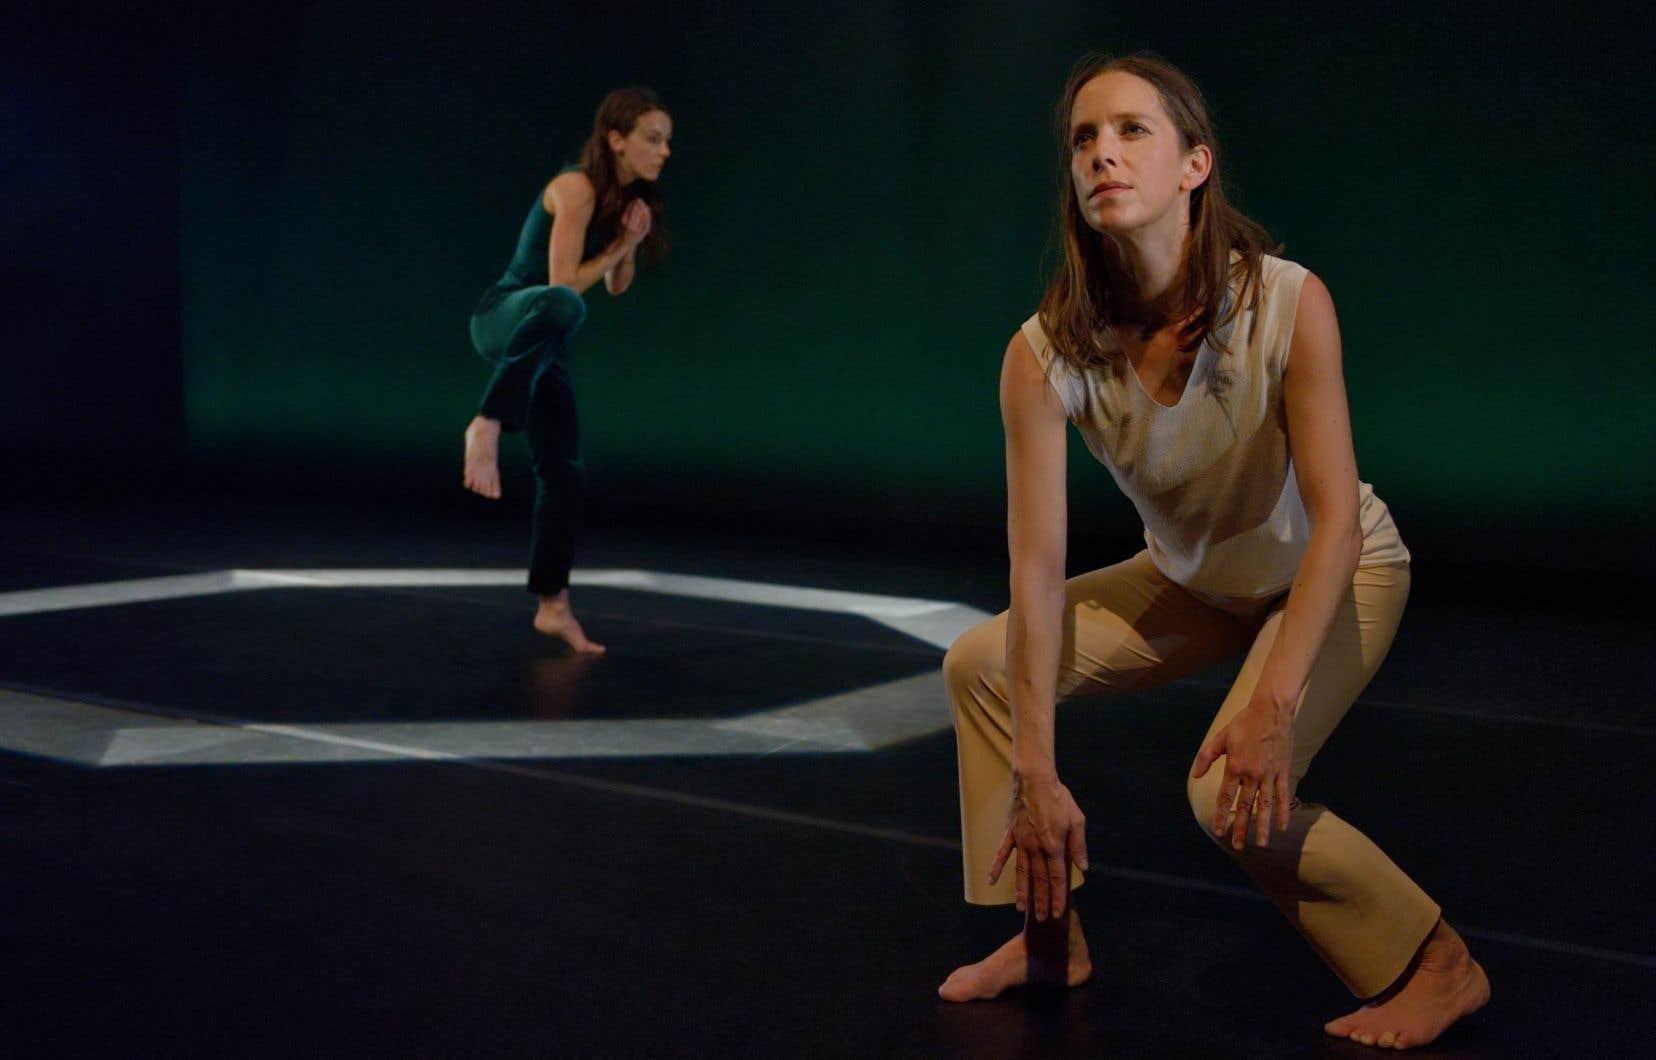 <p>Les danseuses forment des spirales en douceur, s'emboîtant le pas, avant de faire imploser l'espace aux sons d'un chant distant qui renferme un mystère à percer.</p>